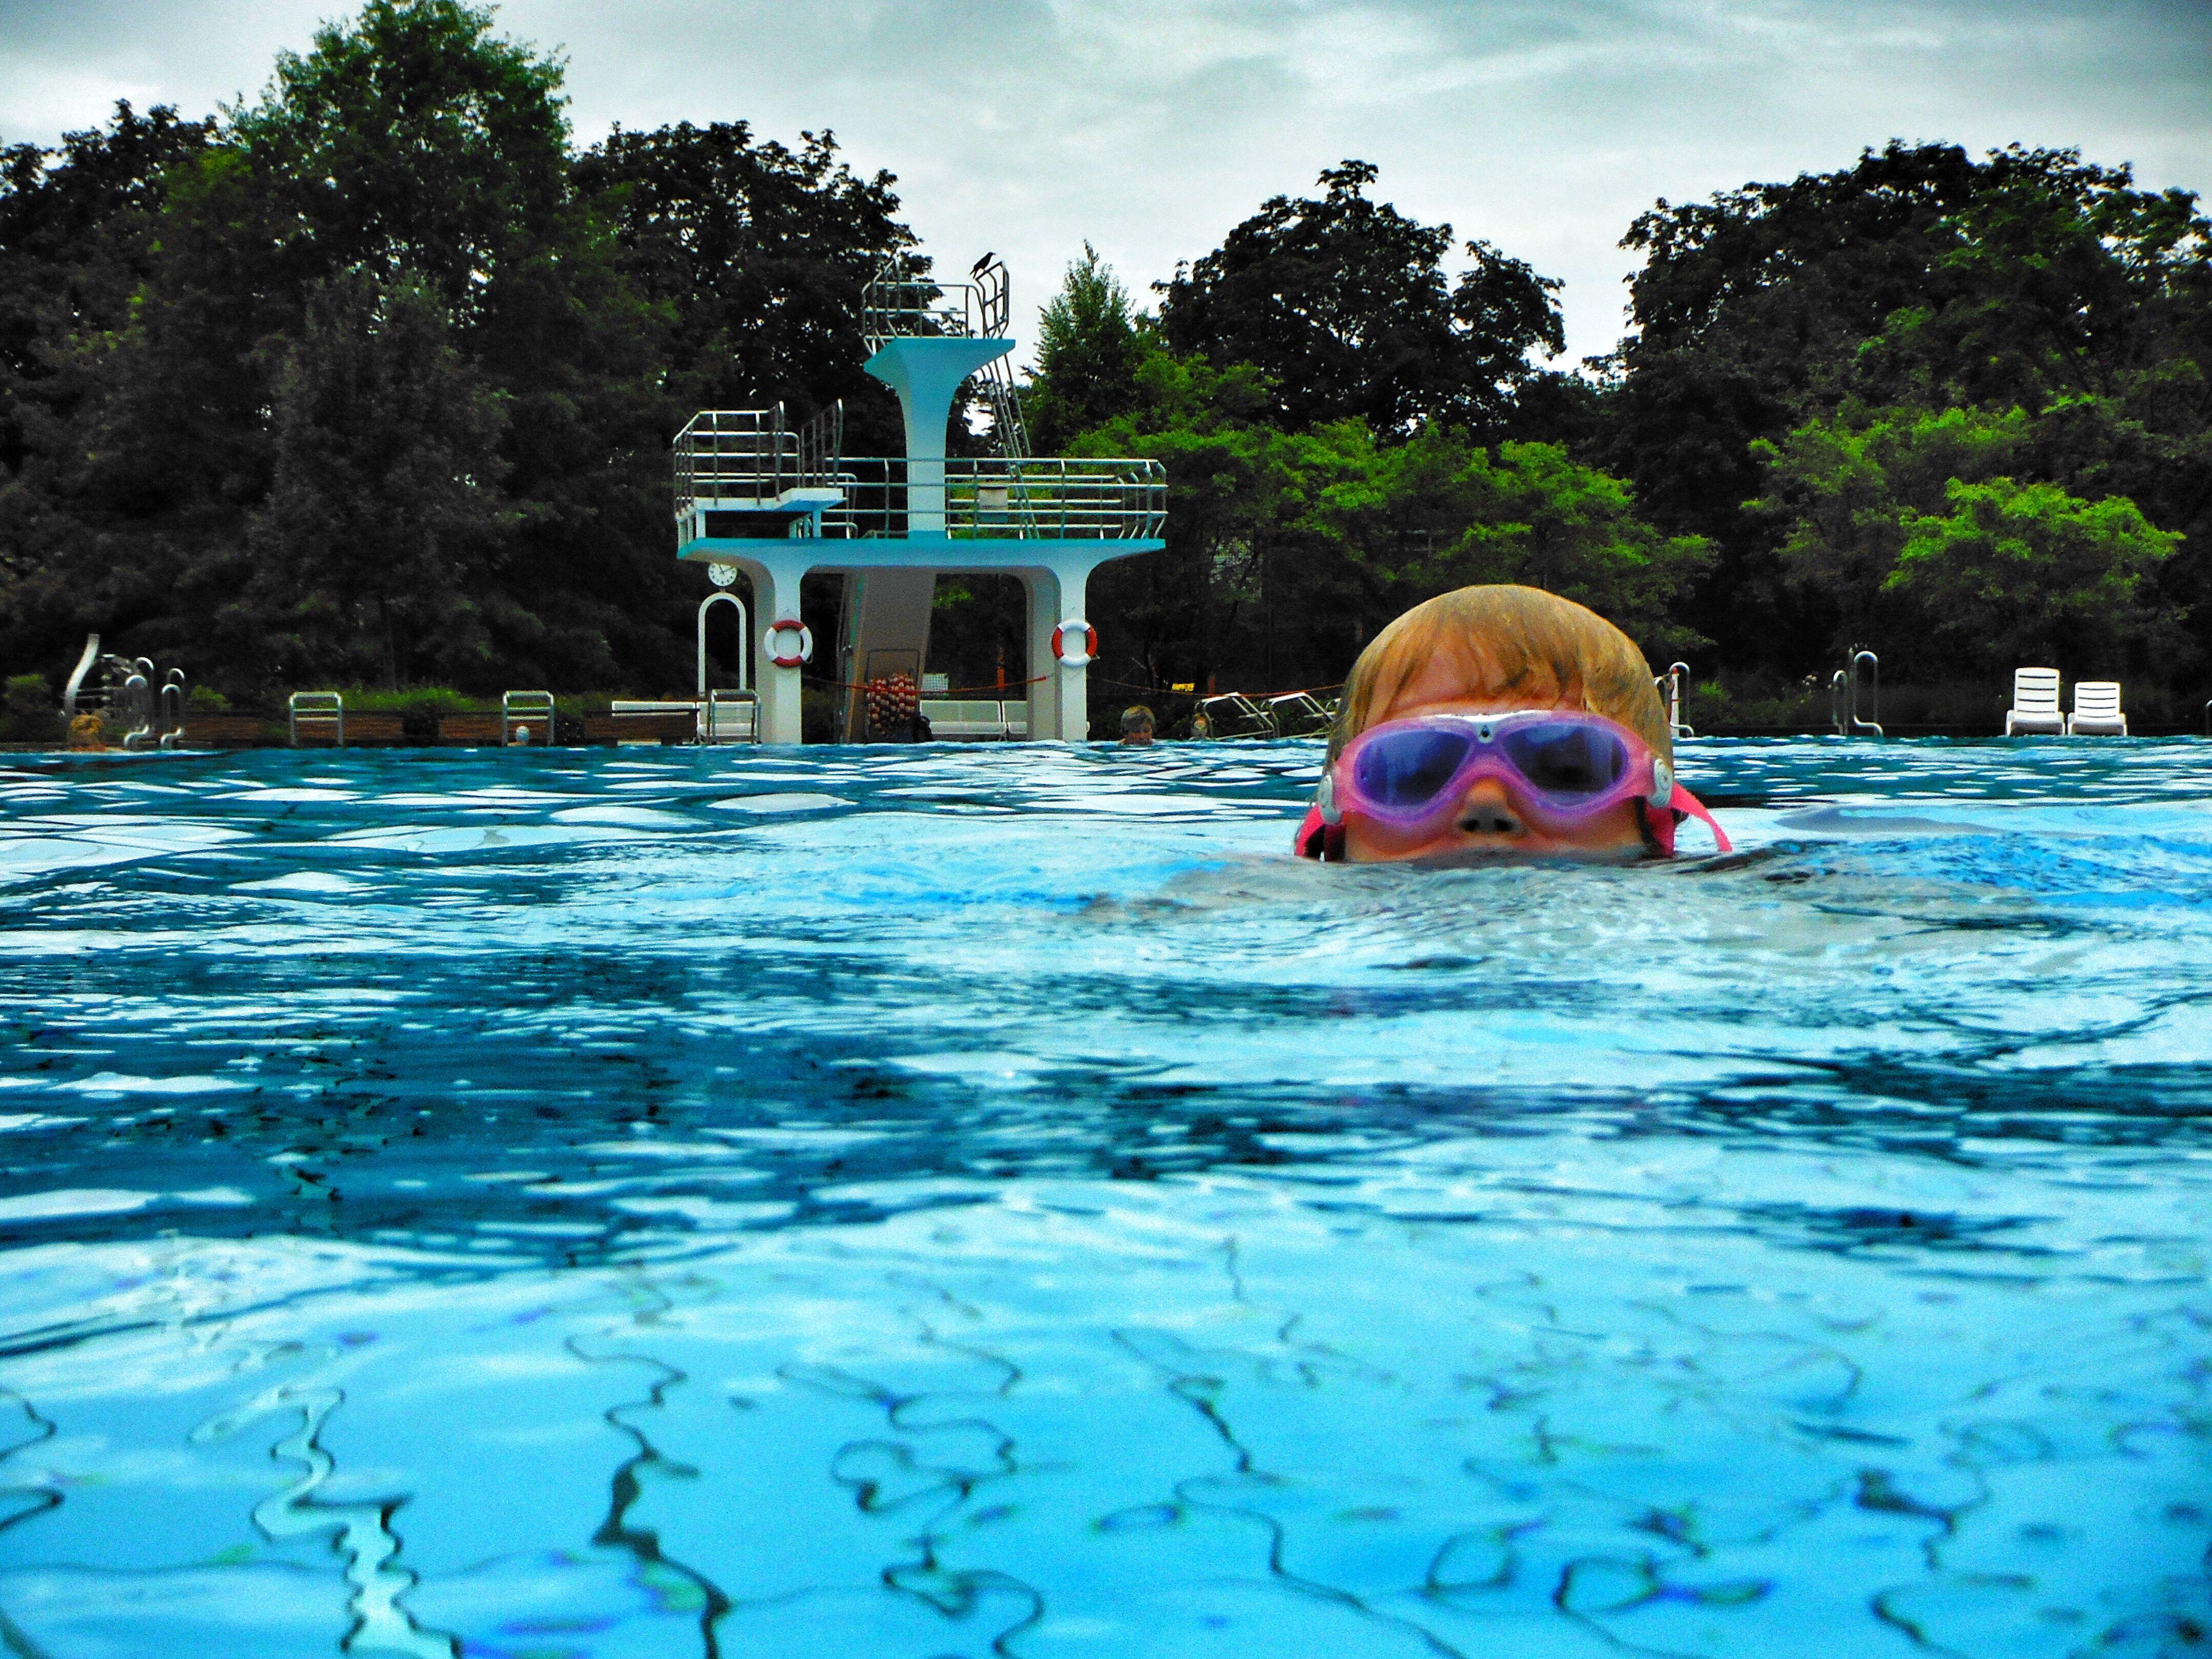 Mit tagen ins schwimmbad